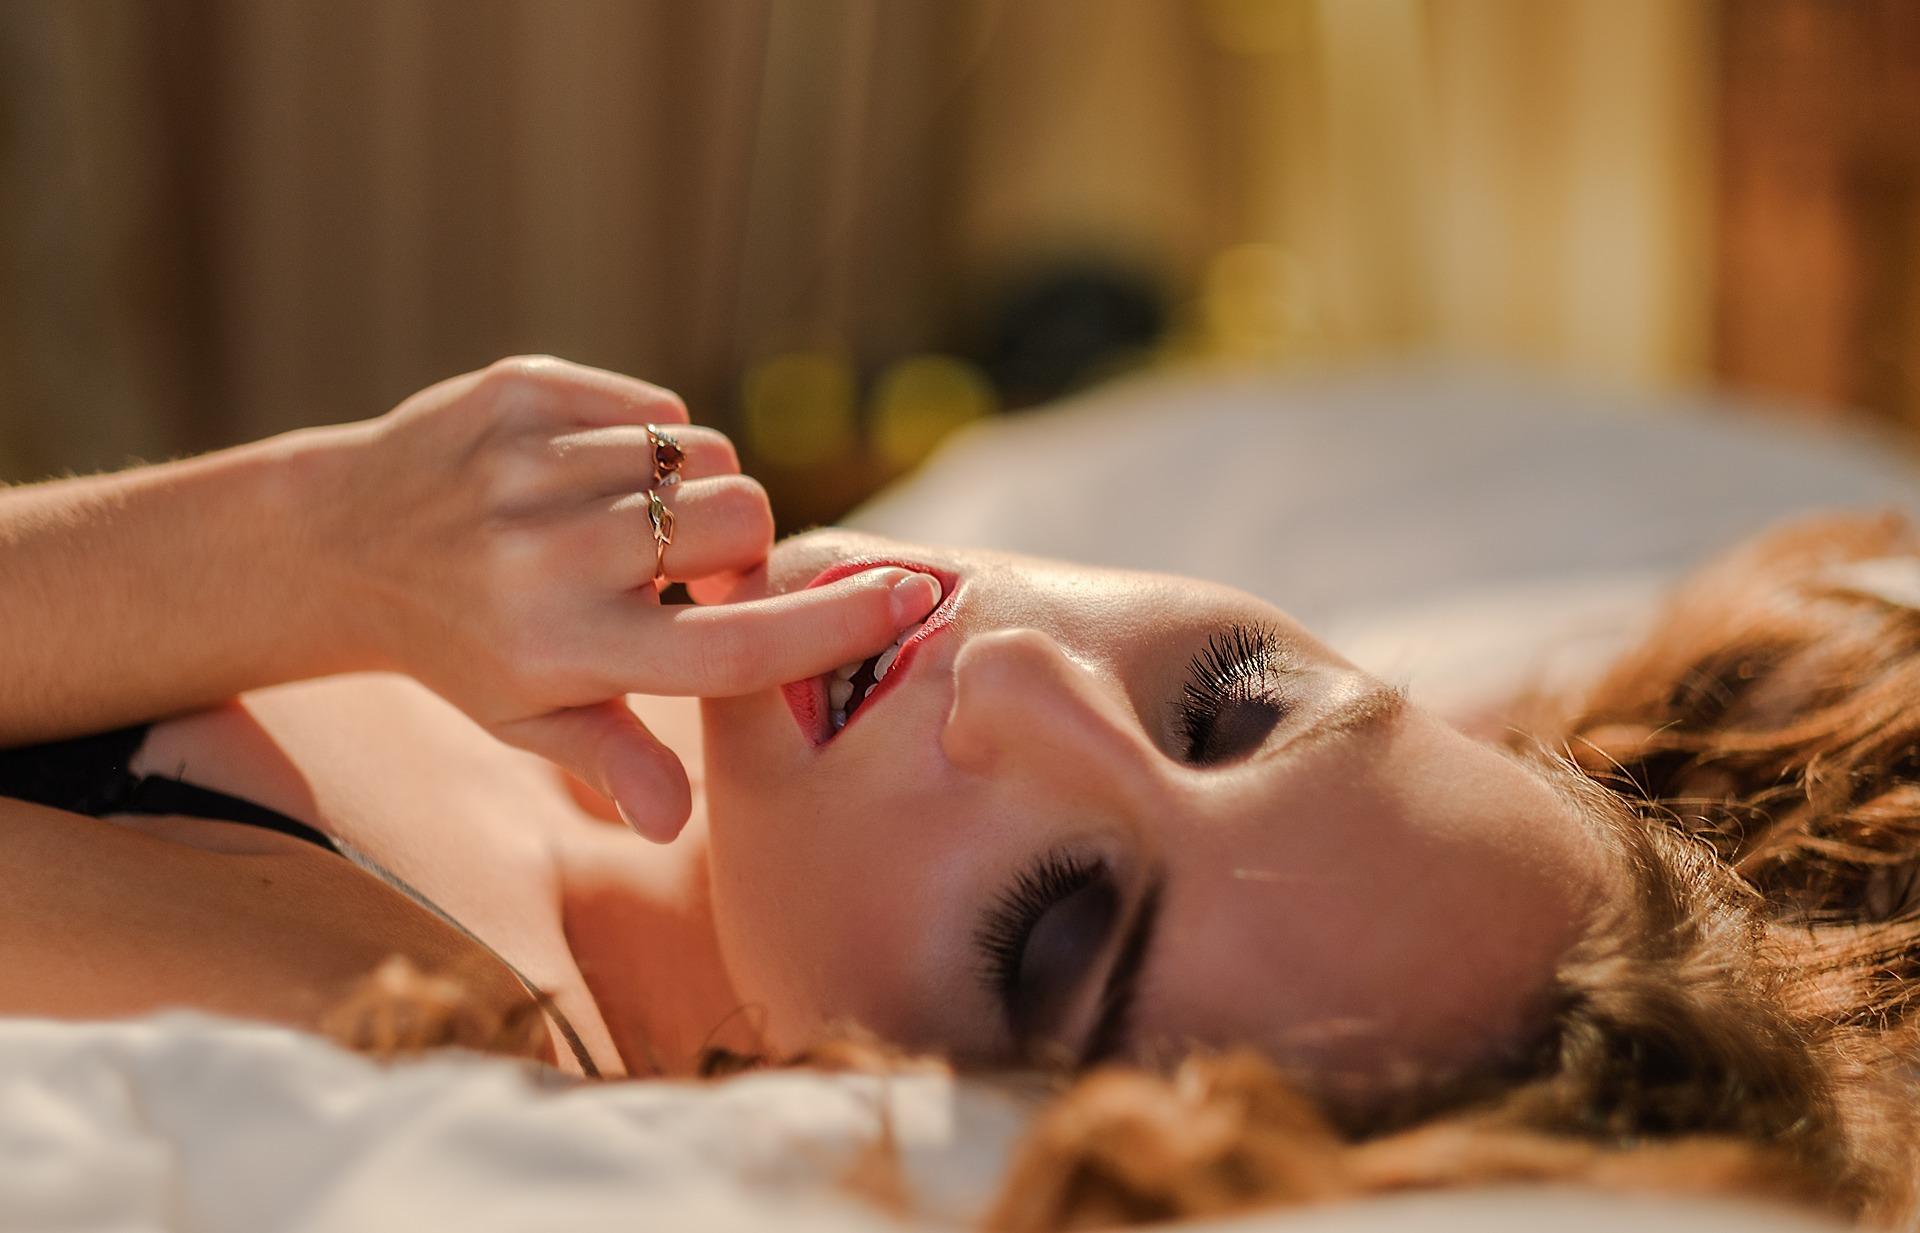 Für schlechten Sex gibt´s keinen guten Grund | Chi statt Botox